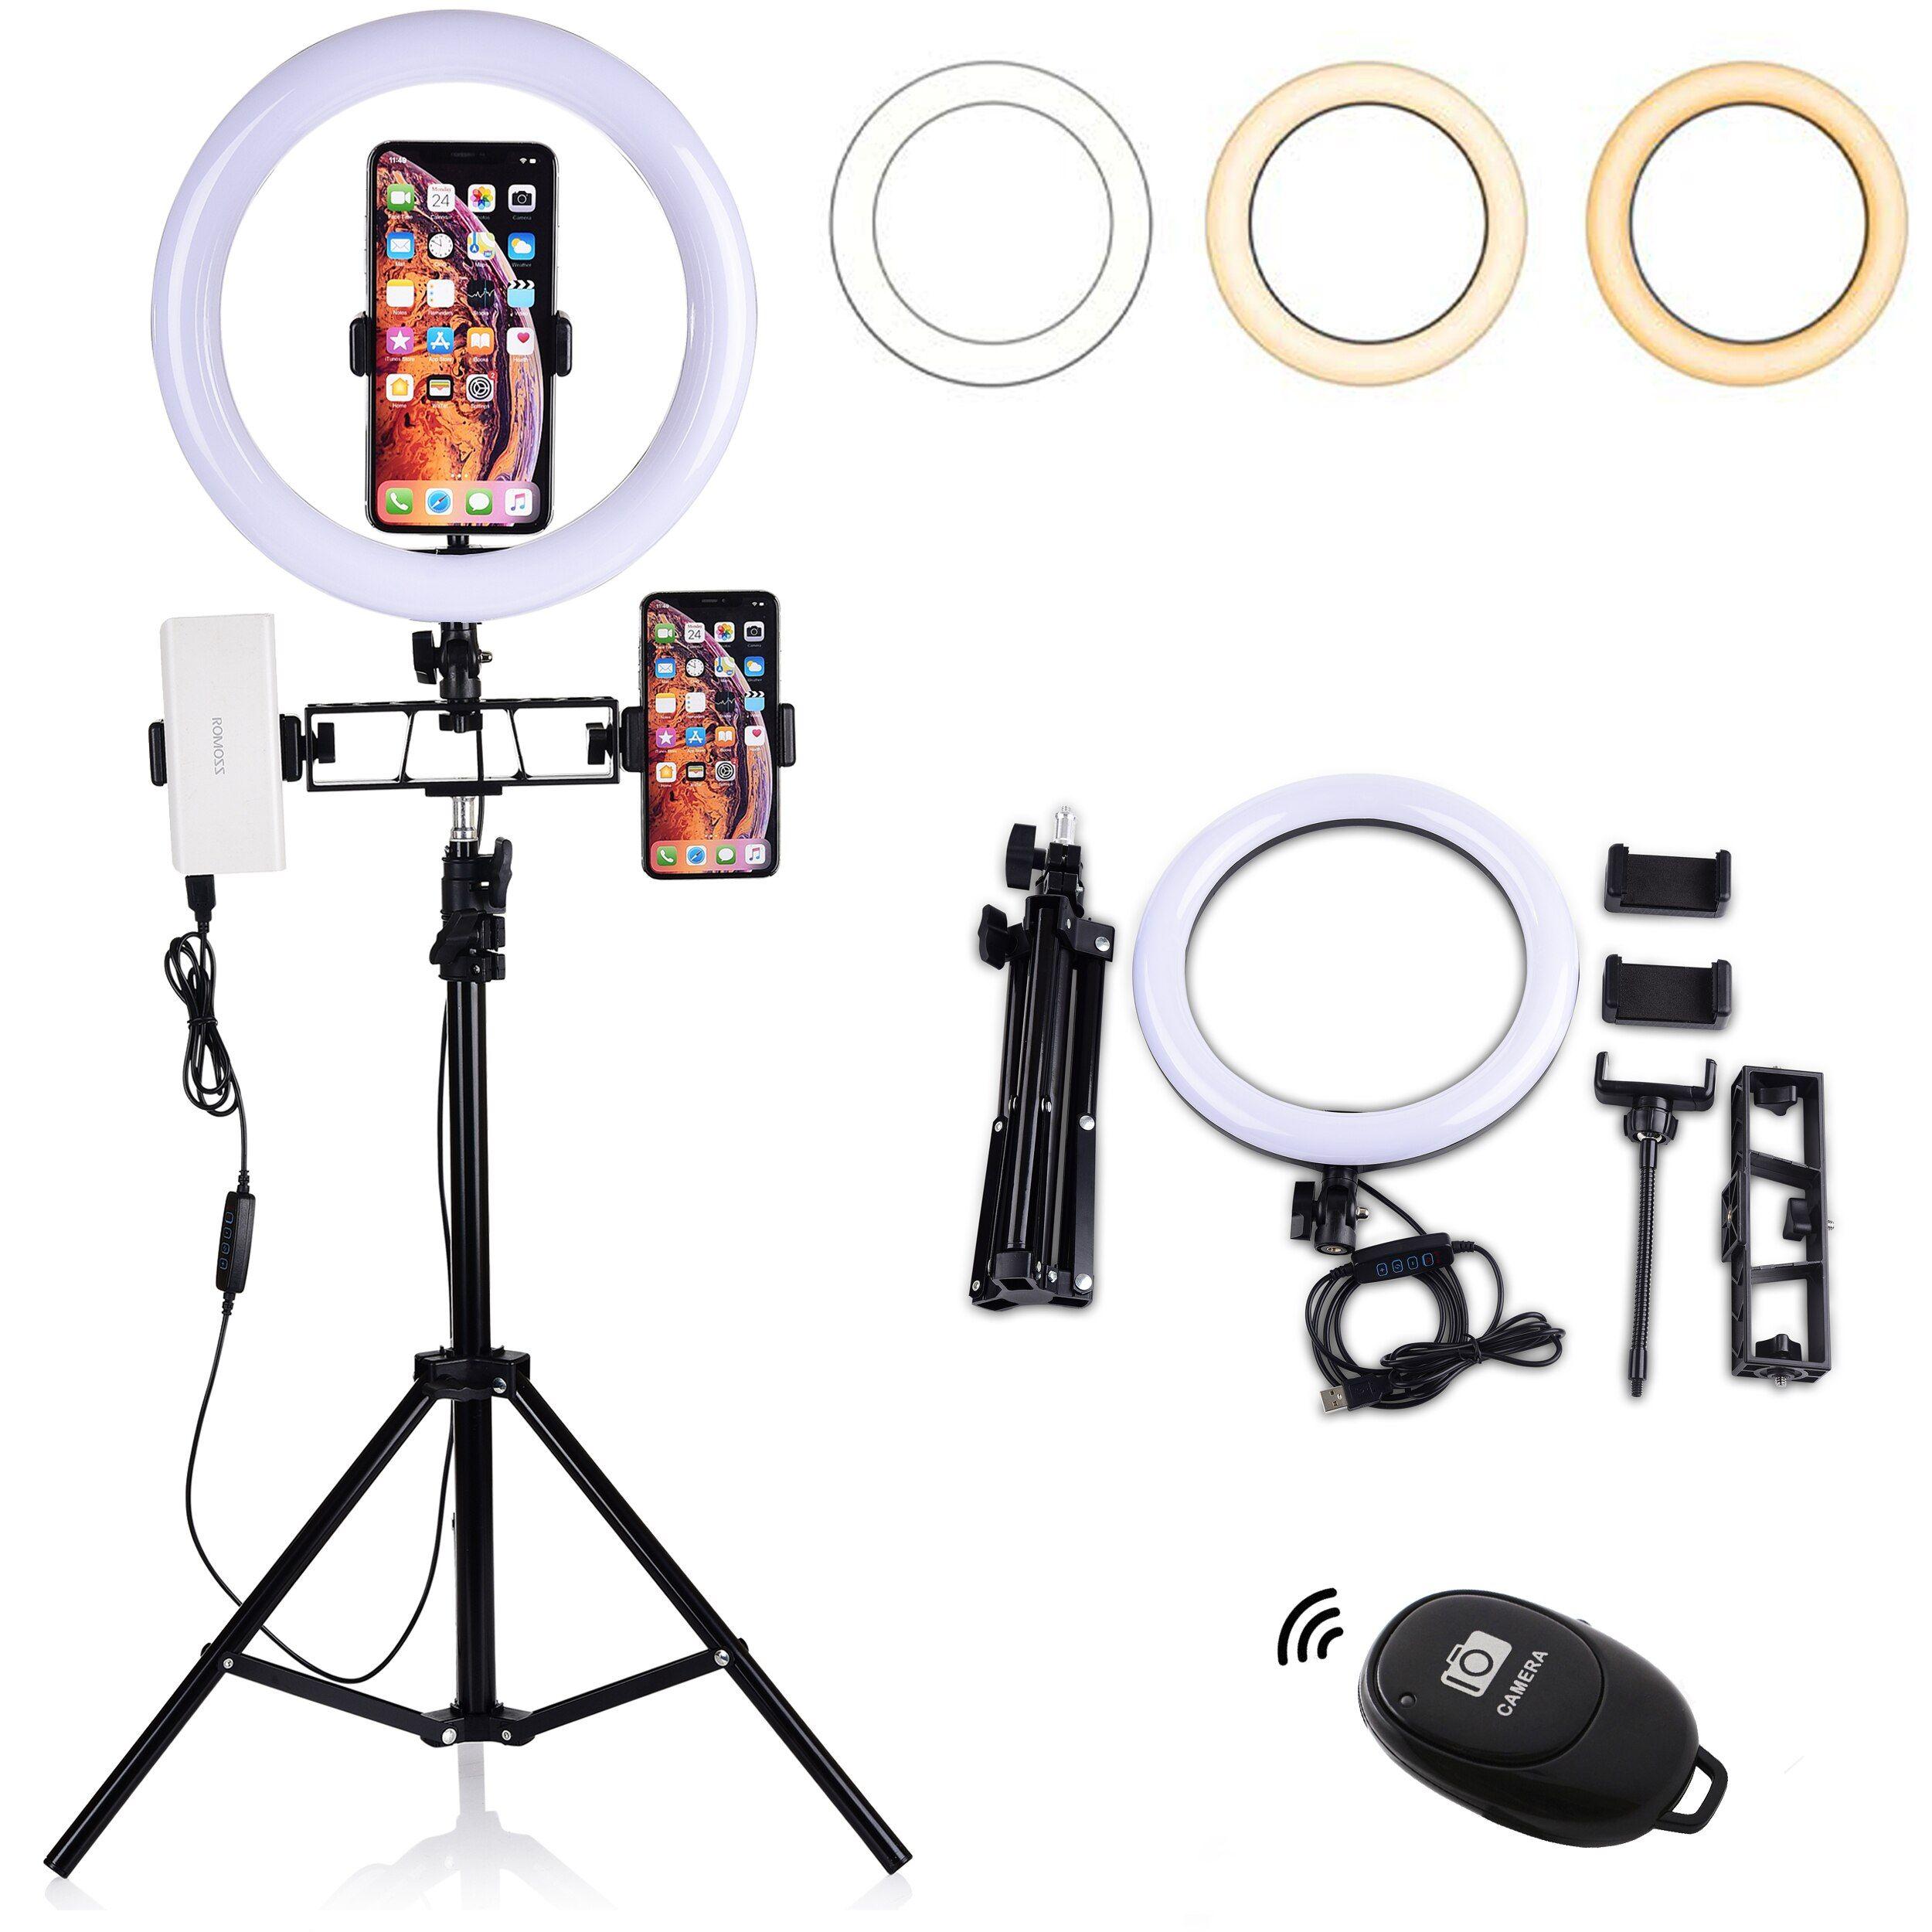 Led Ring Light With Tripod Stand For Youtube Video Beauty Table Top Makeup Lamp Desktop Objetos De Decoração Para Quarto Estúdio De Gravação Em Casa Luz De Led